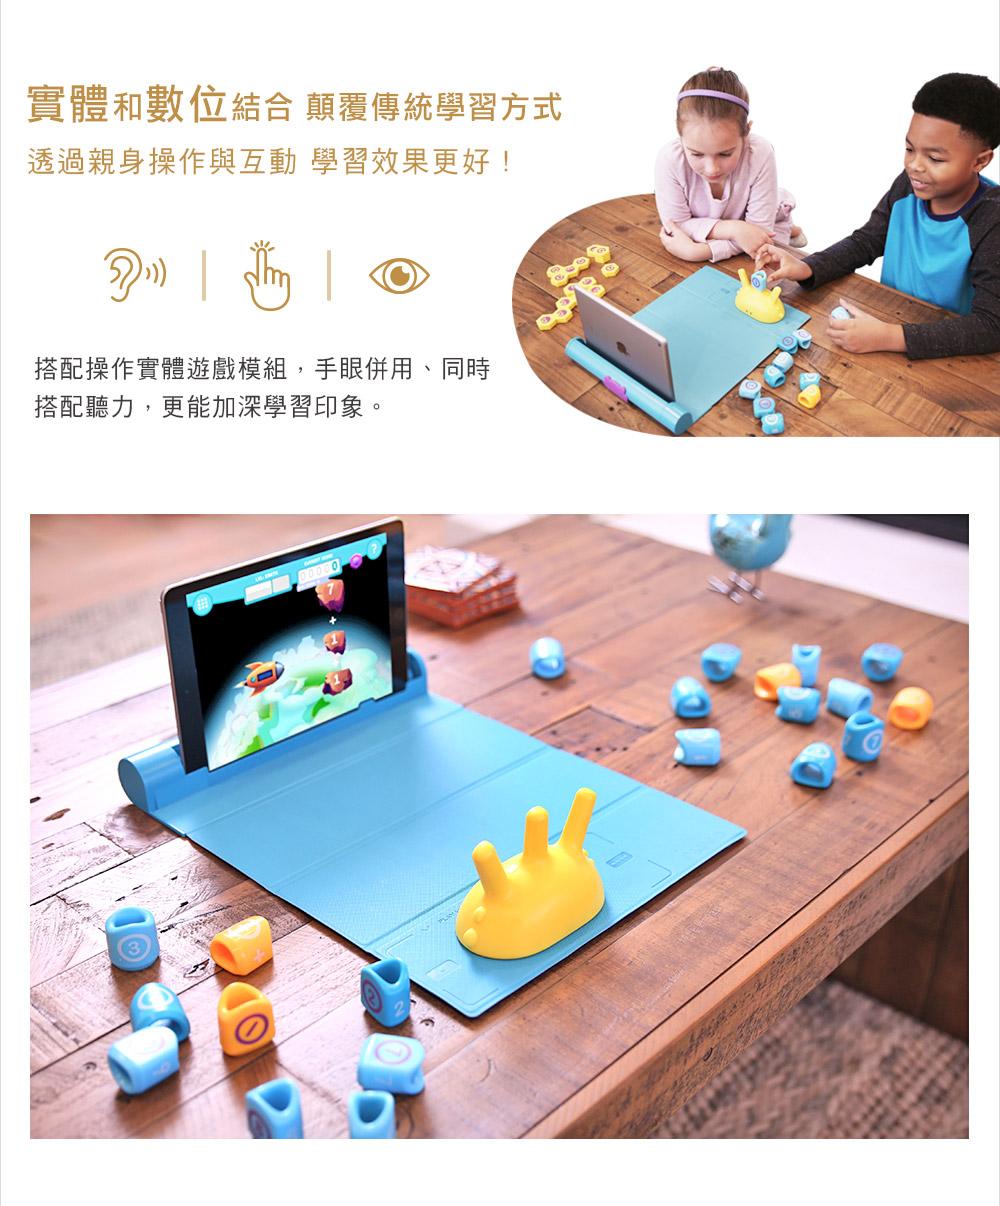 PLUGO 互動式益智教具 數學計算 | shifu 互動式玩具